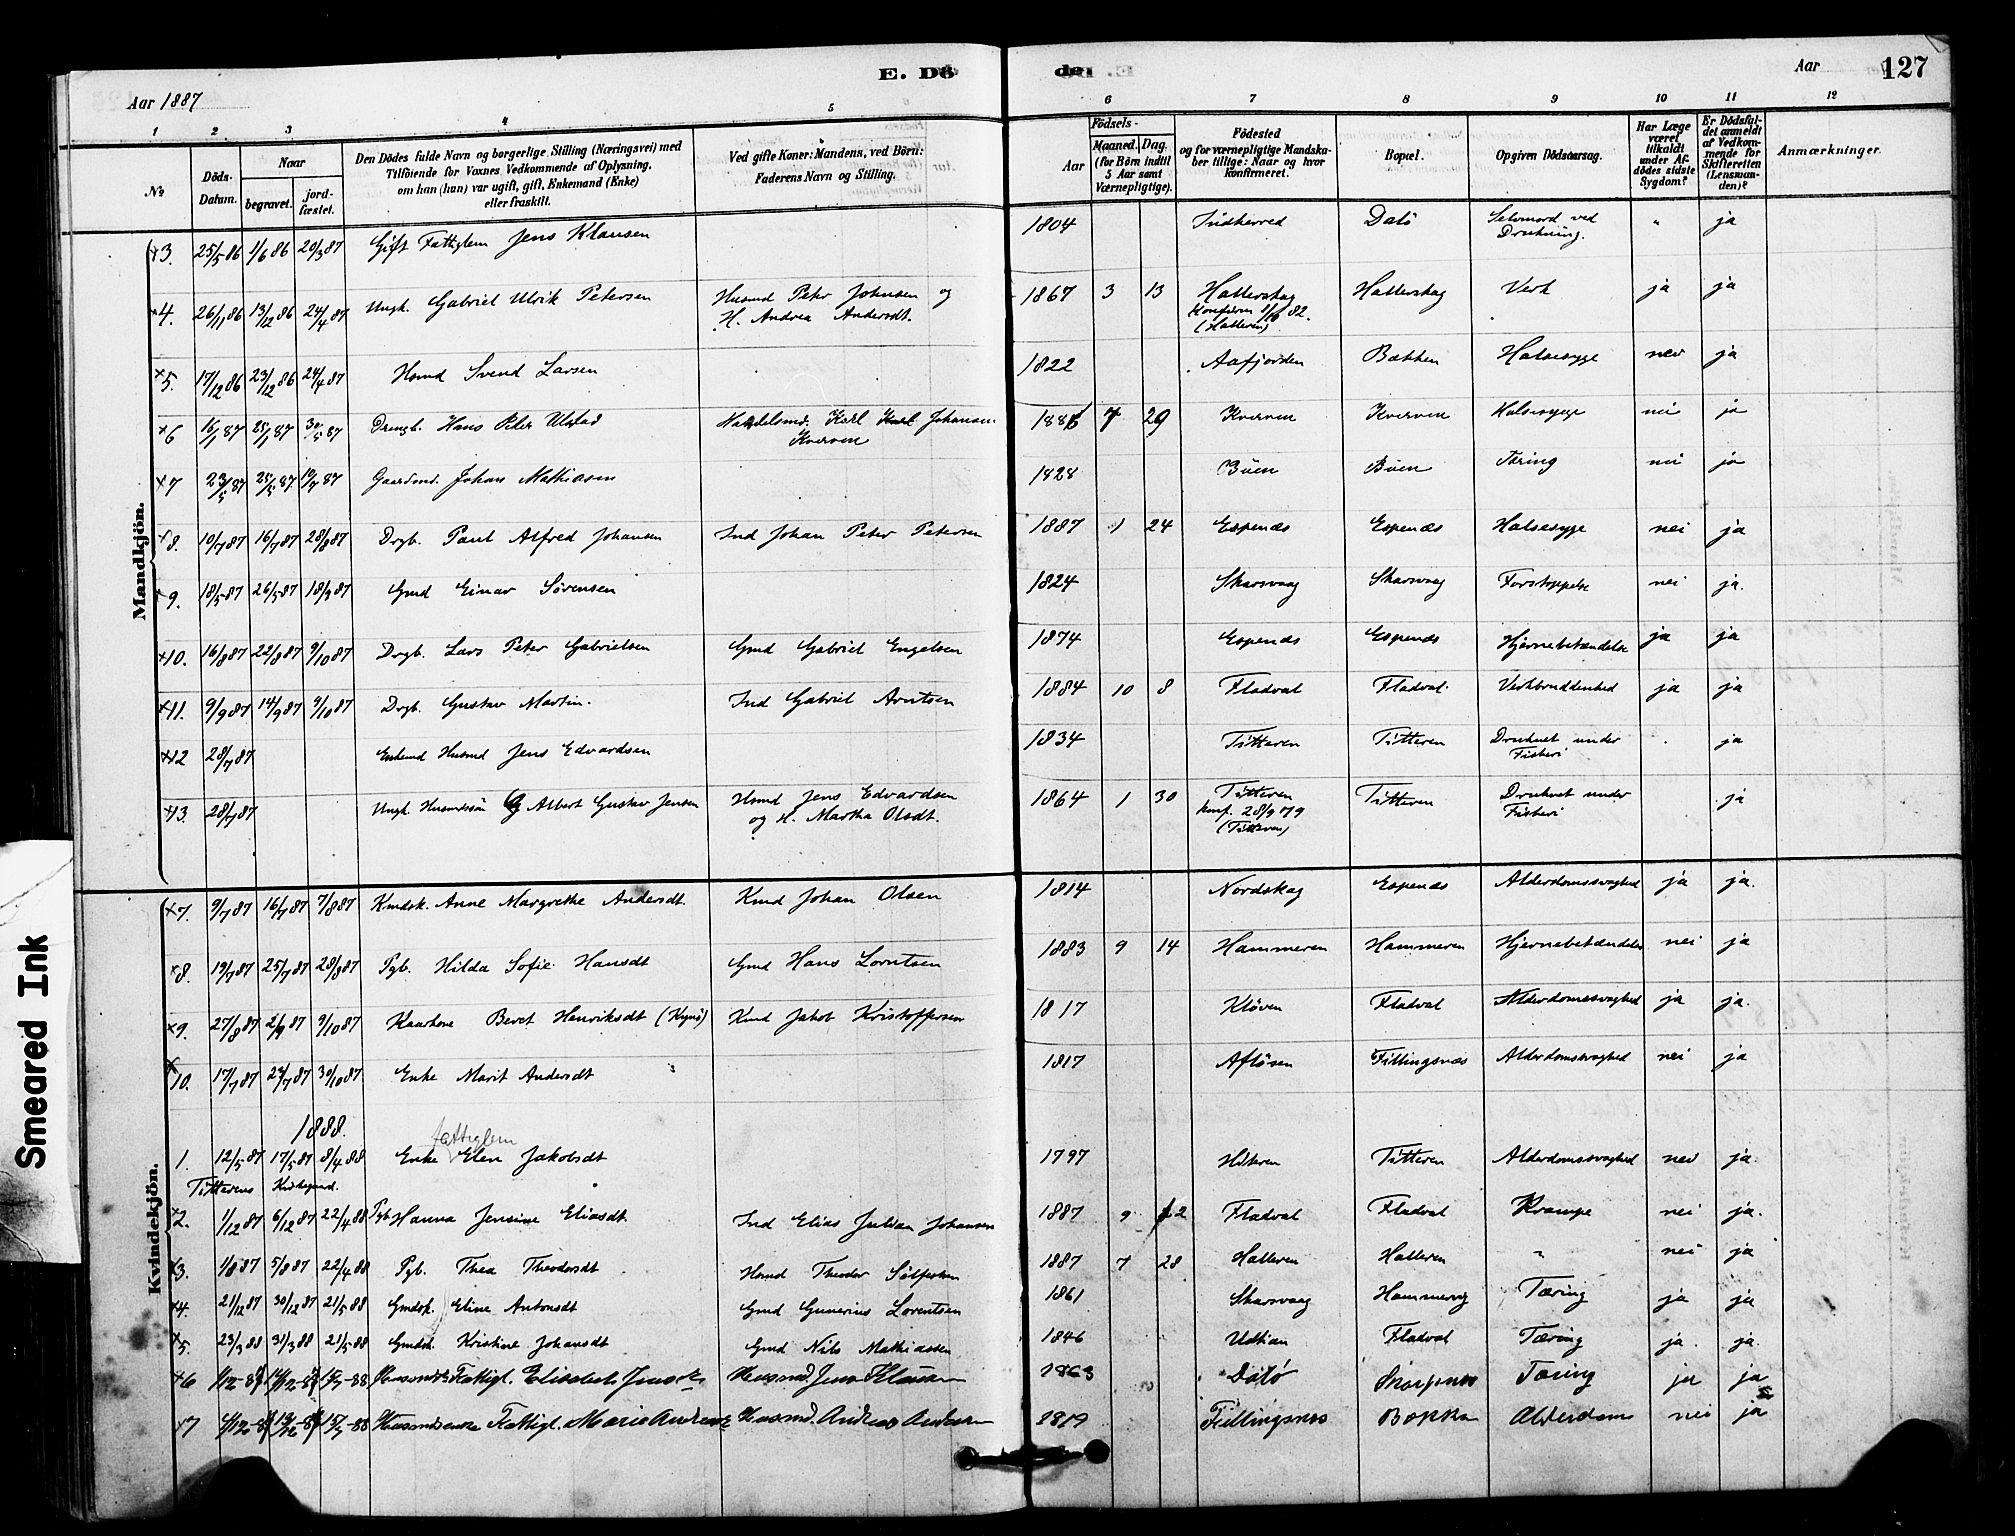 SAT, Ministerialprotokoller, klokkerbøker og fødselsregistre - Sør-Trøndelag, 641/L0595: Ministerialbok nr. 641A01, 1882-1897, s. 127